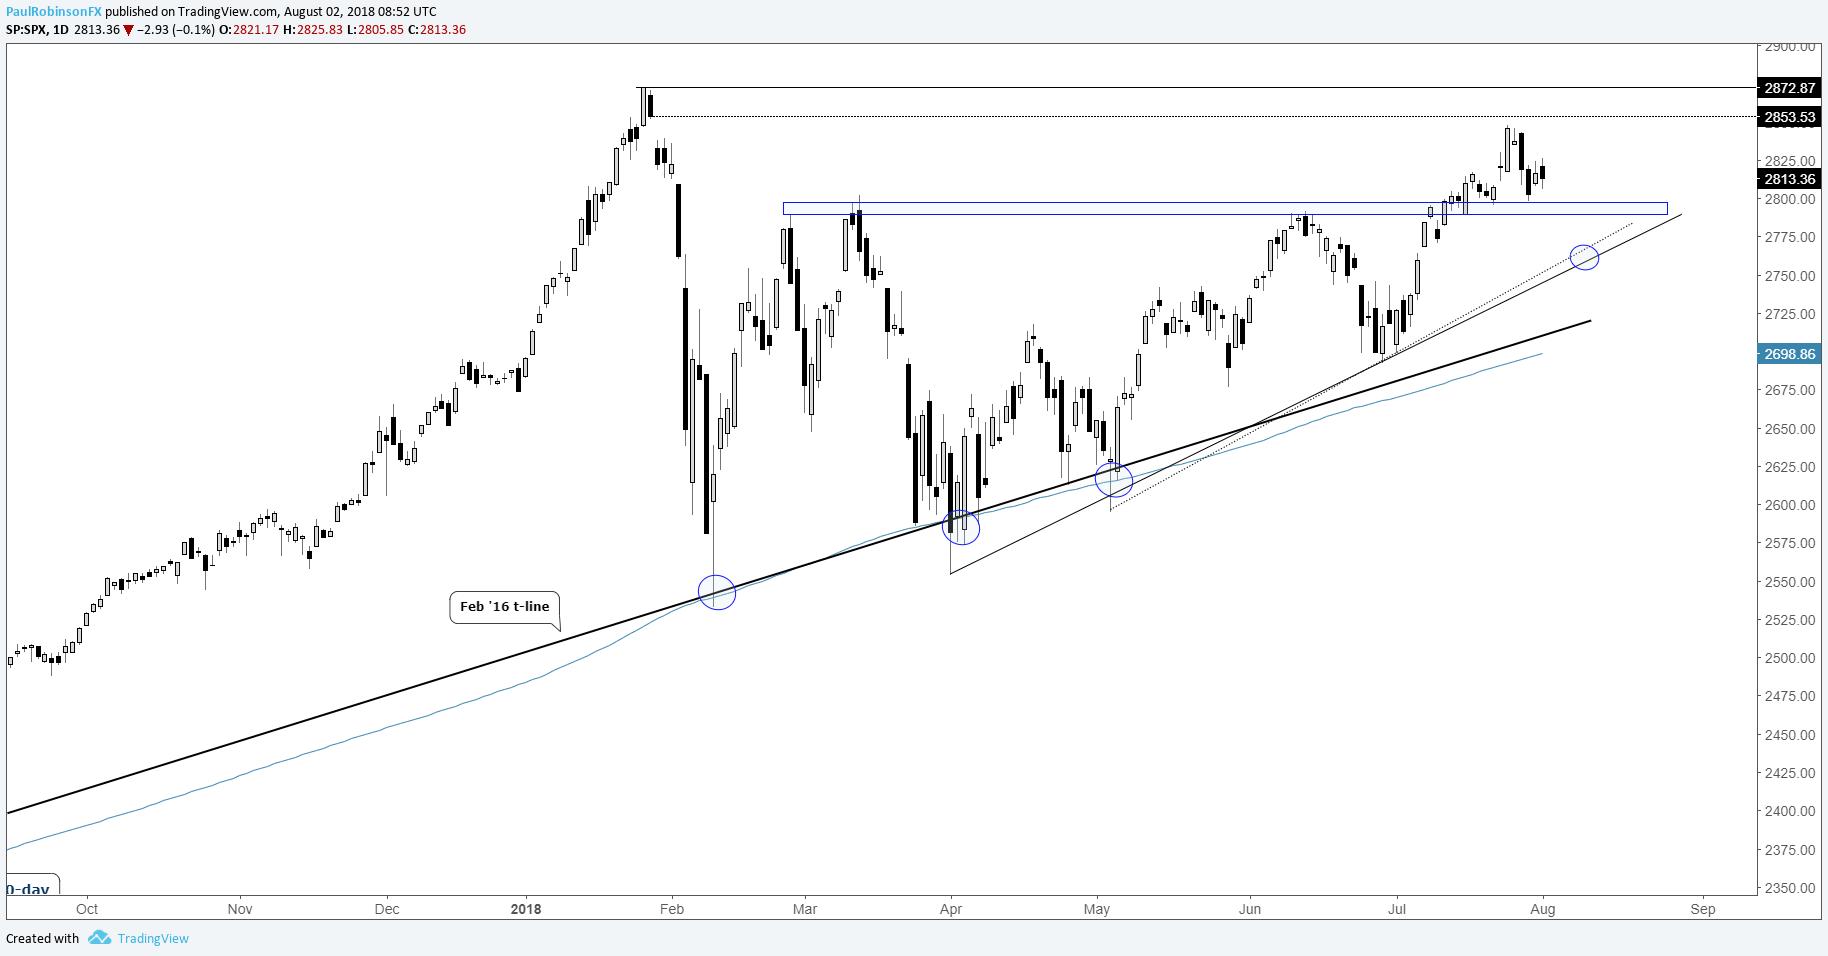 S&P 500, Nasdaq 100 Chart Analysis